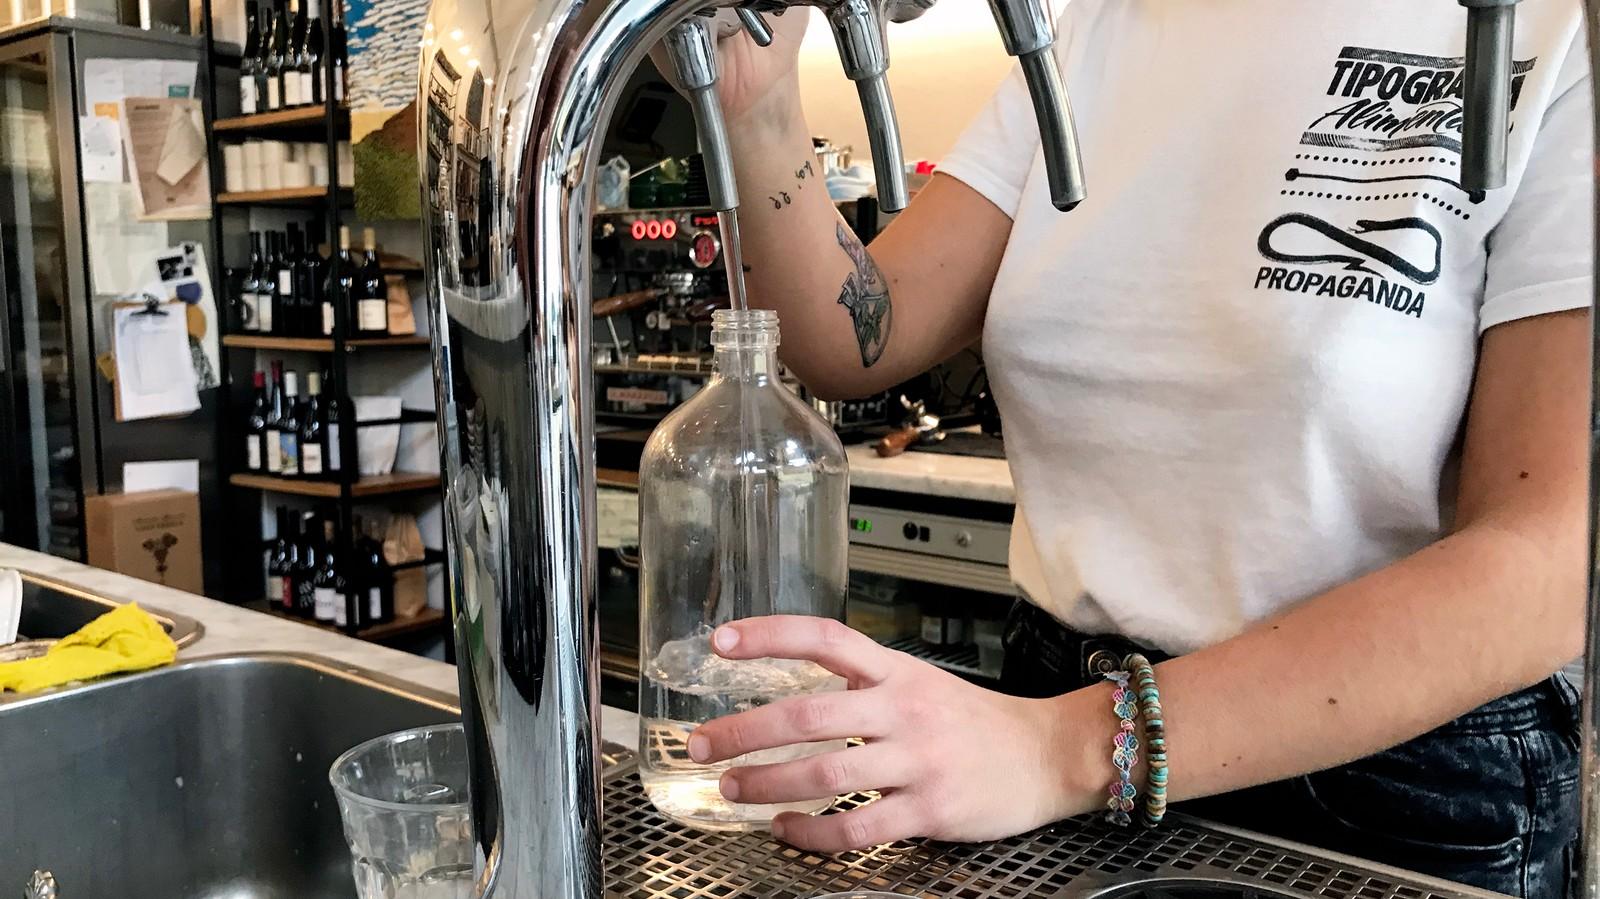 Perché dobbiamo smetterla di bere acqua confezionata (non solo per via della plastica)